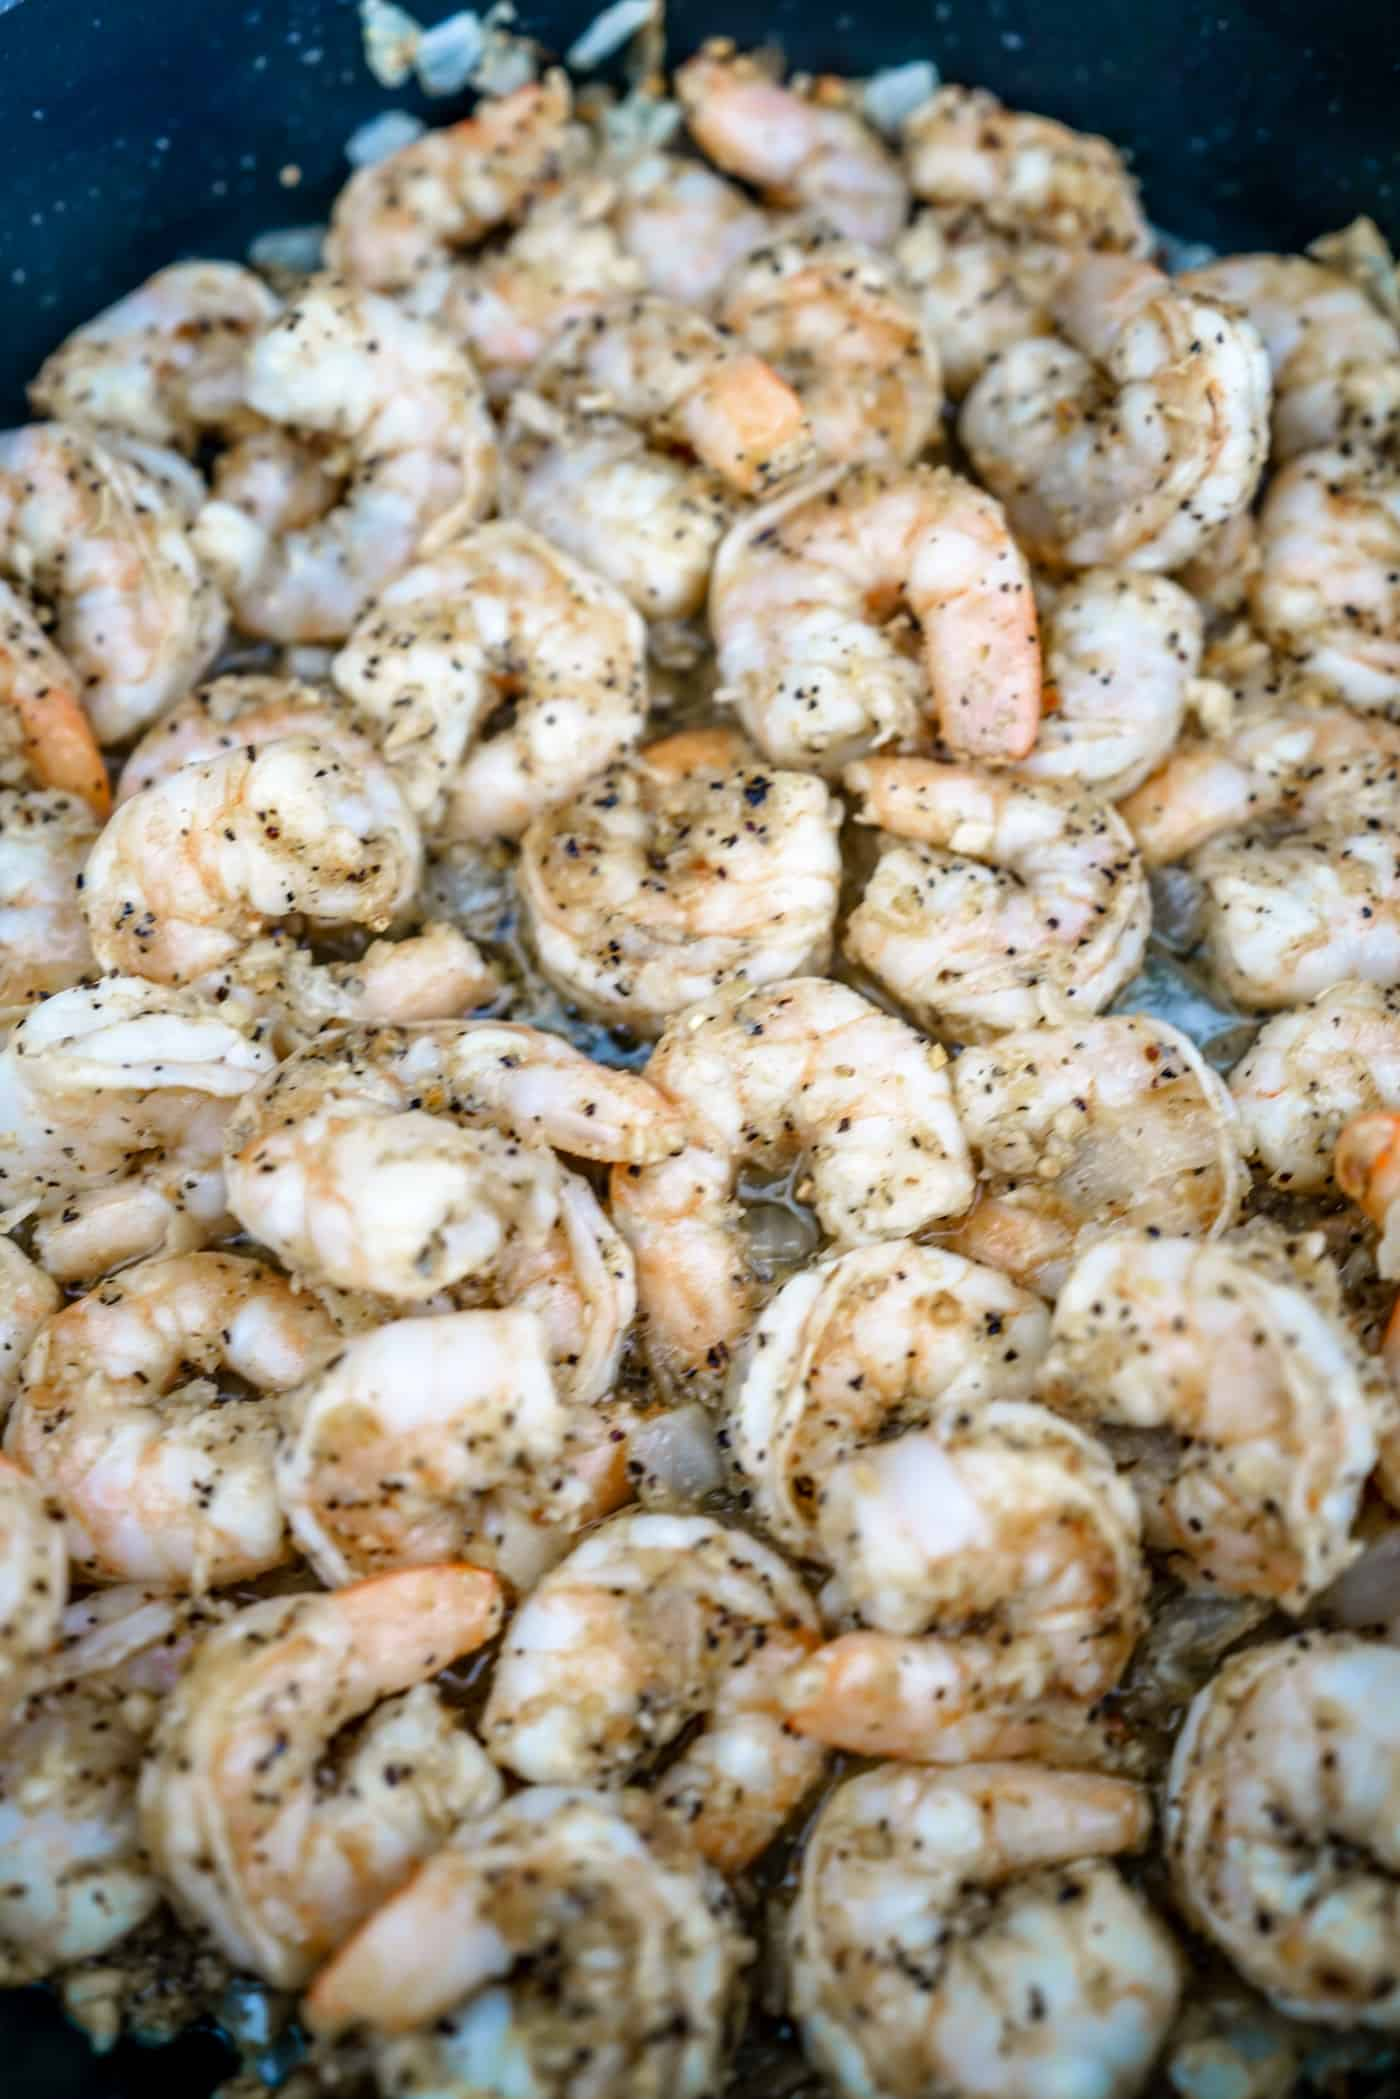 Lemon Pepper shrimp cooling in a large skillet